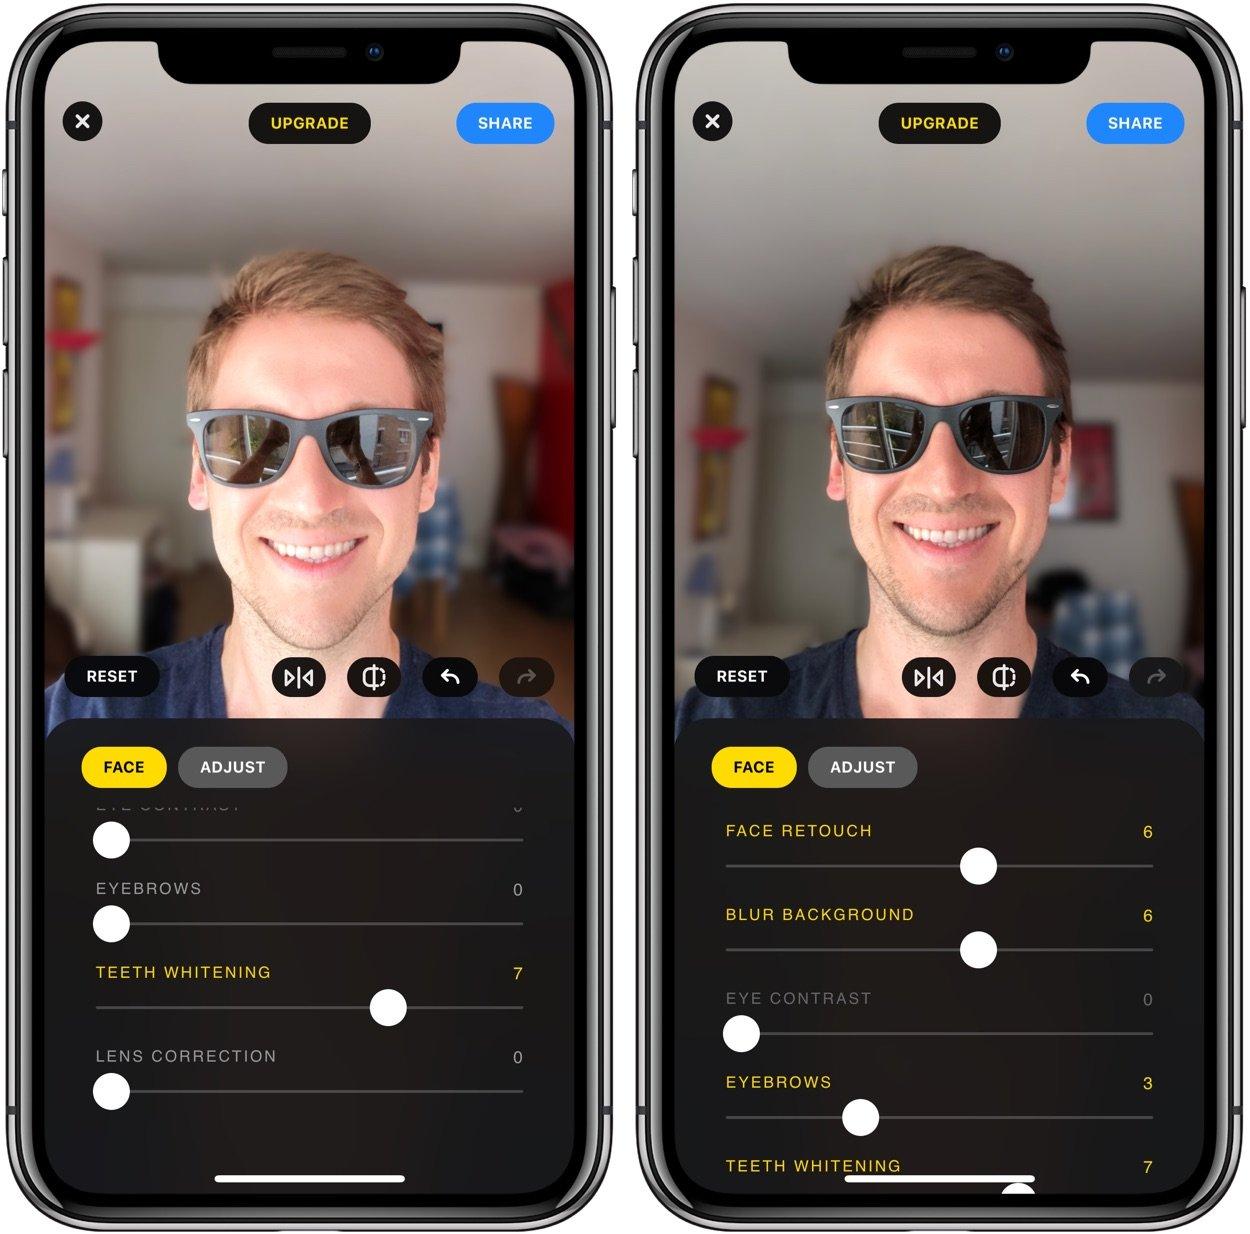 L'app Lensa améliore les selfies grâce à l'Intelligence Artificielle 1